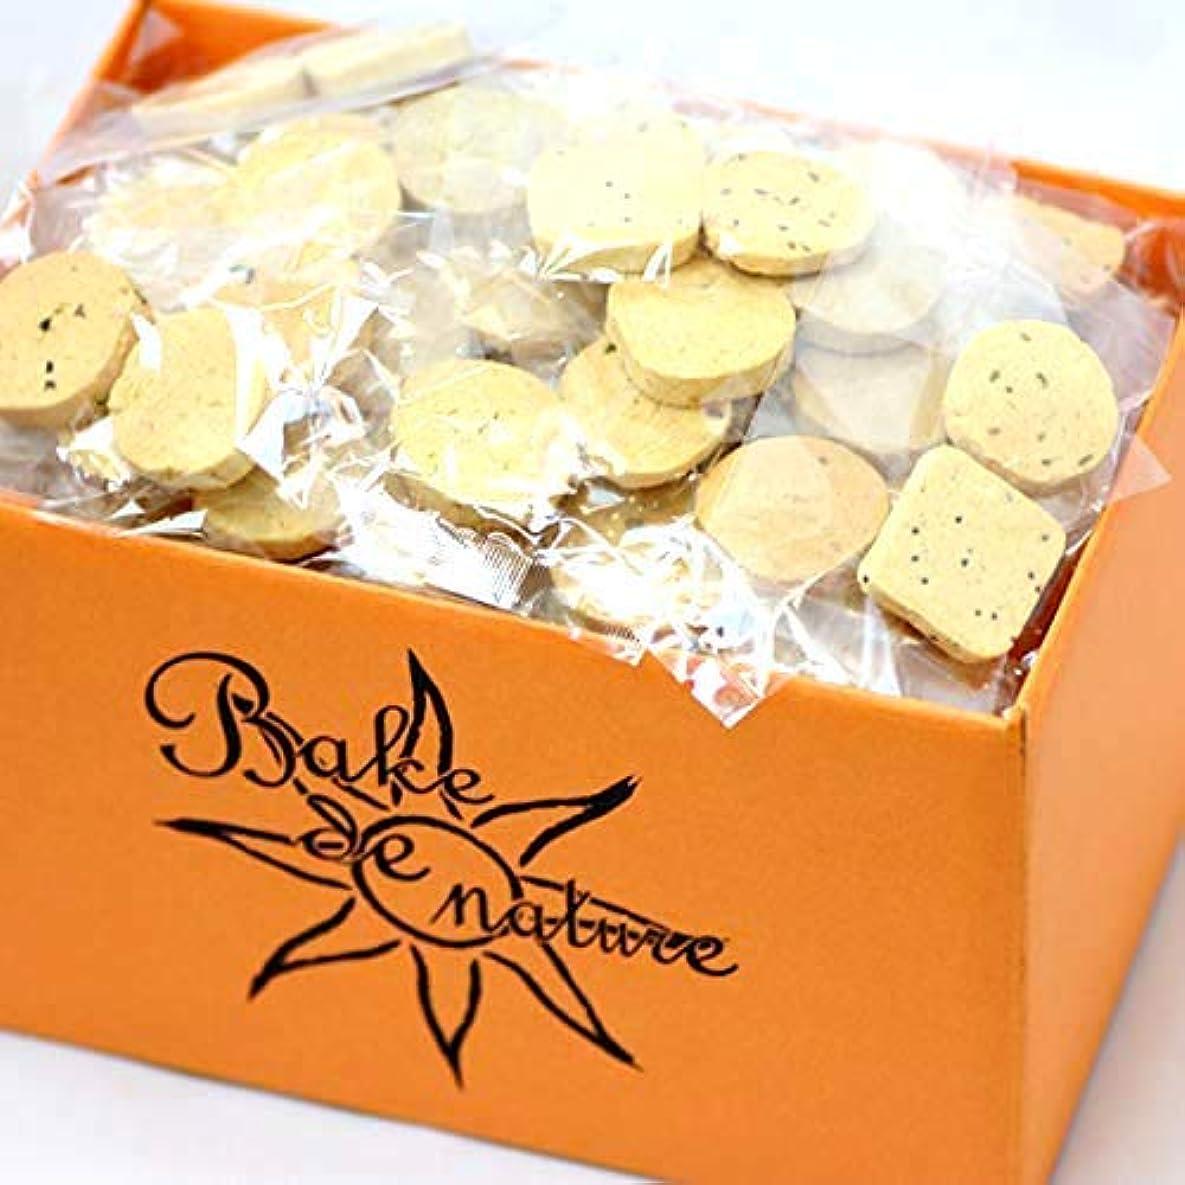 せせらぎジュニア論理スーパーフード豆乳おからクッキー (10種類MIX) 1袋 1kg (個包装) 小麦粉不使用のダイエットクッキー